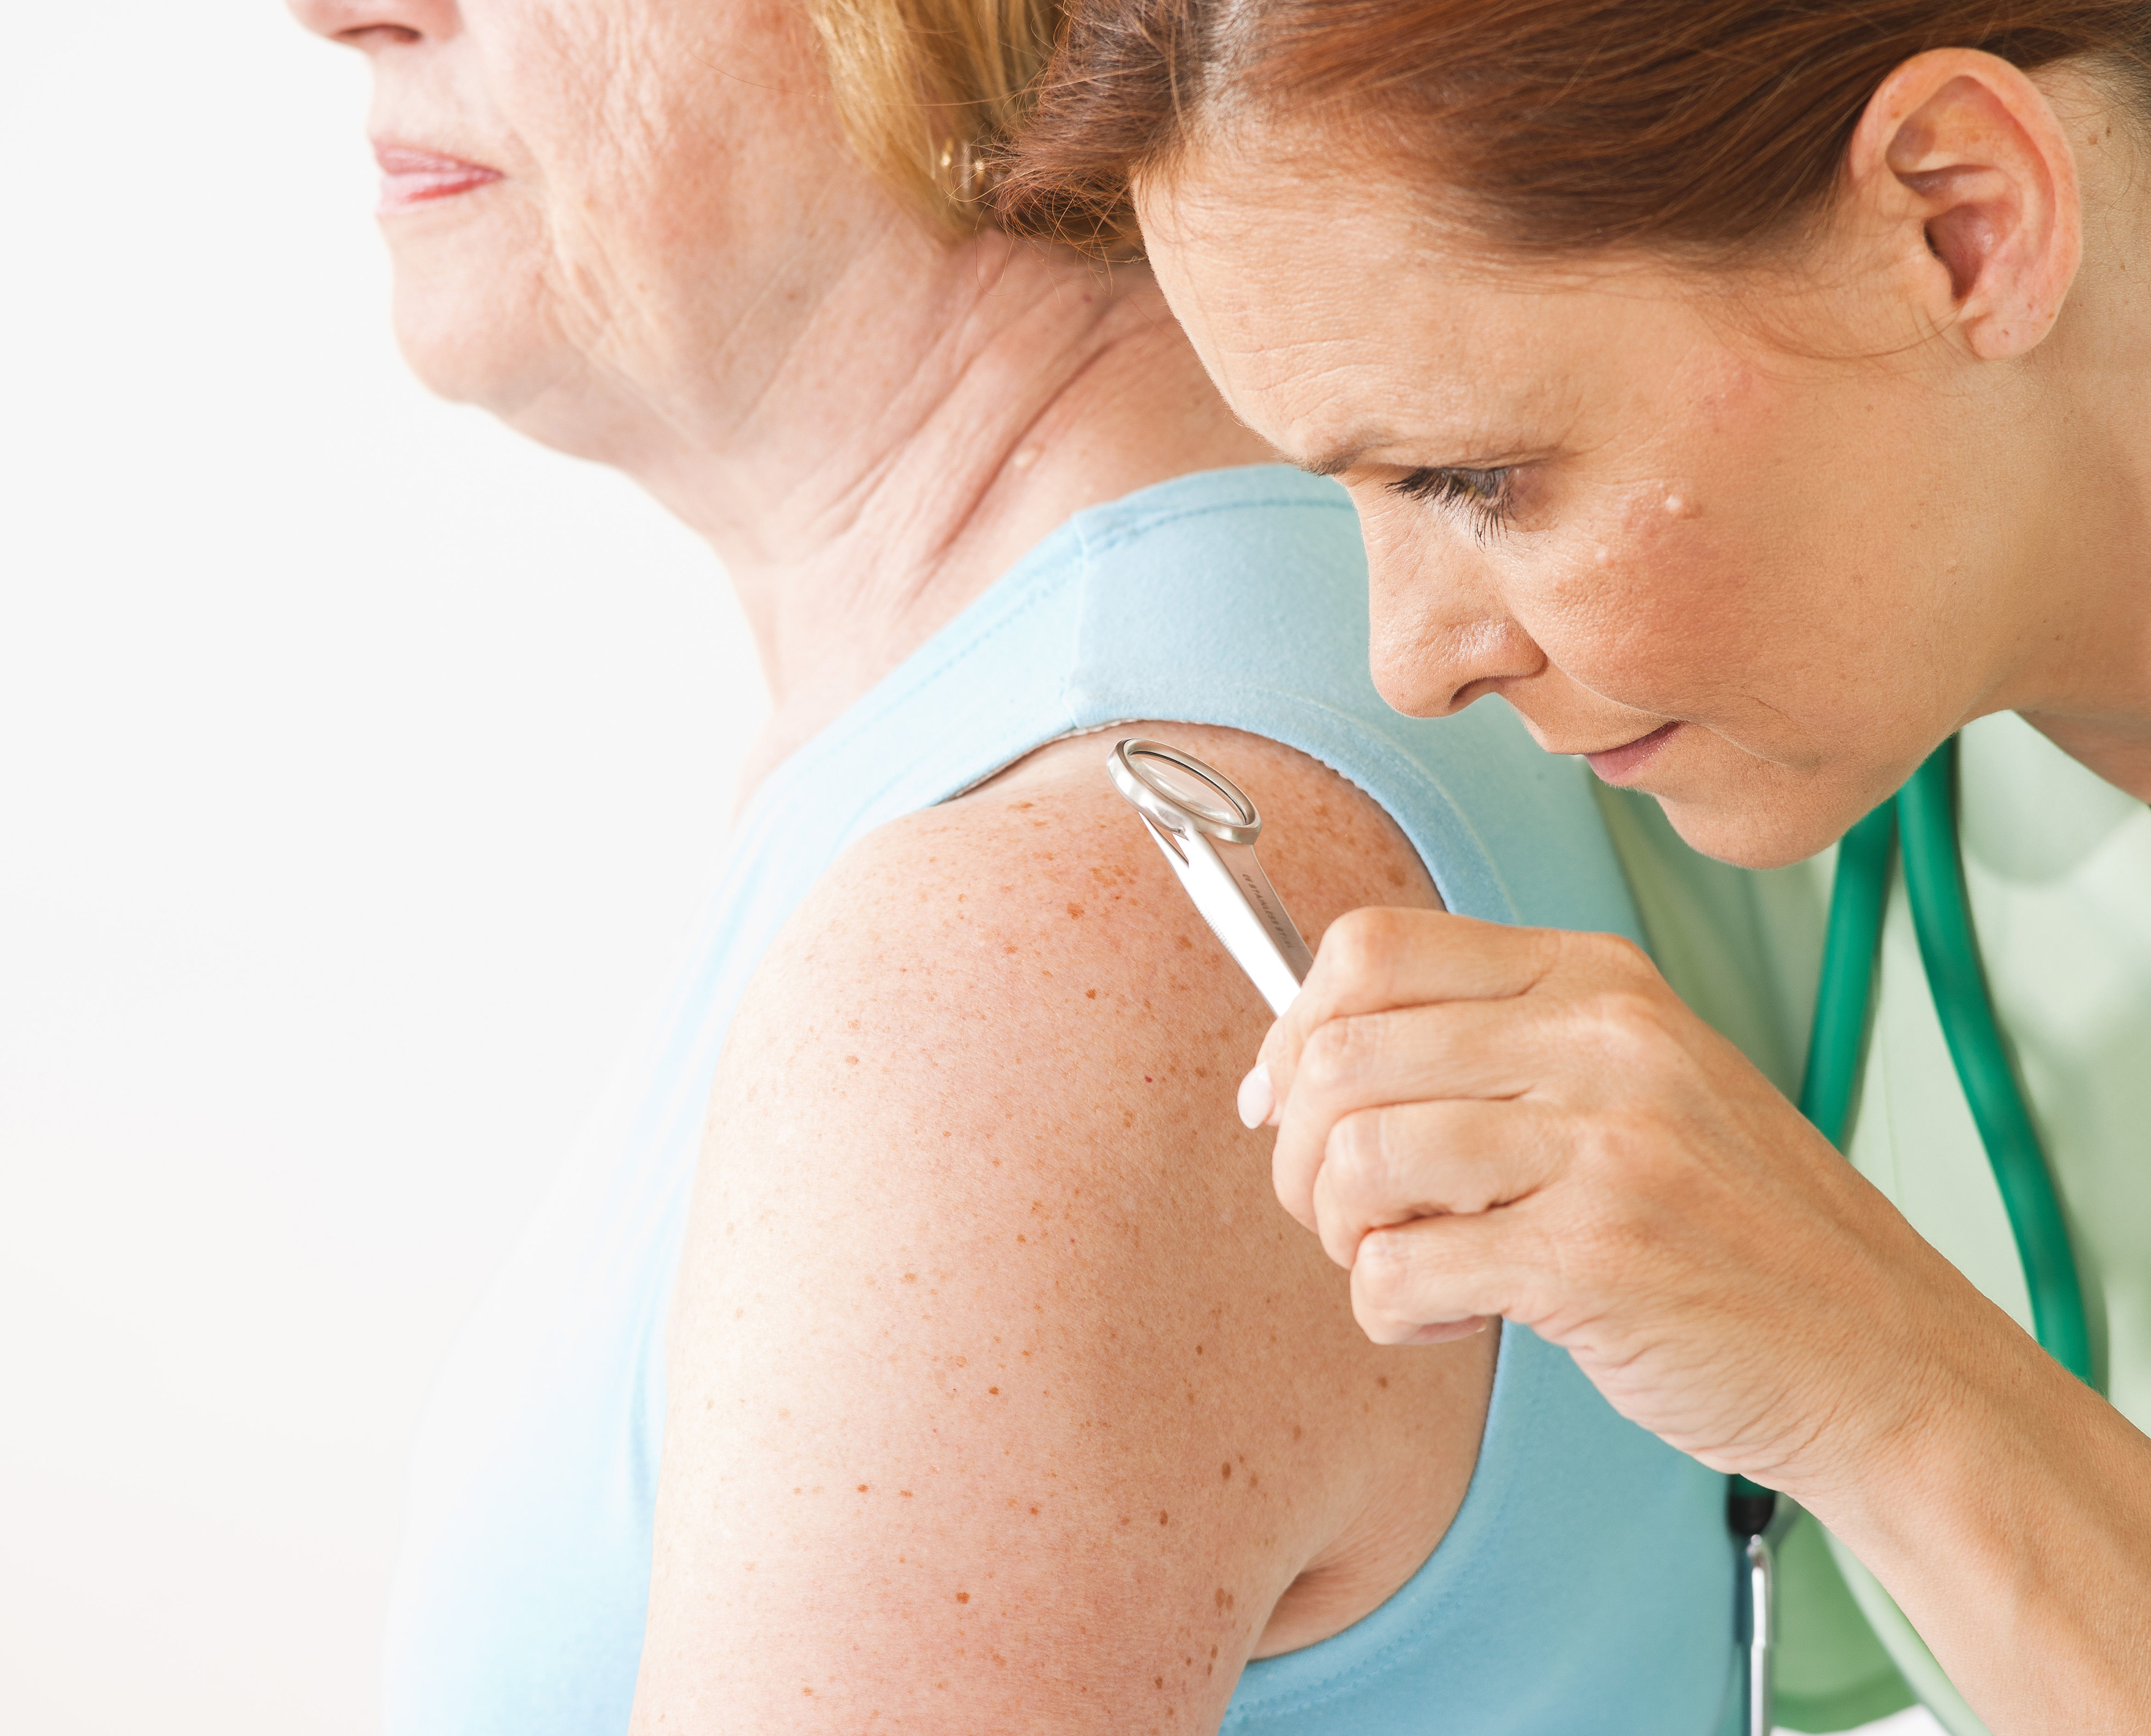 német psoriasis kezelése milyen betegsg a pikkelysmr, mit okoznak s hogyan kell kezelni